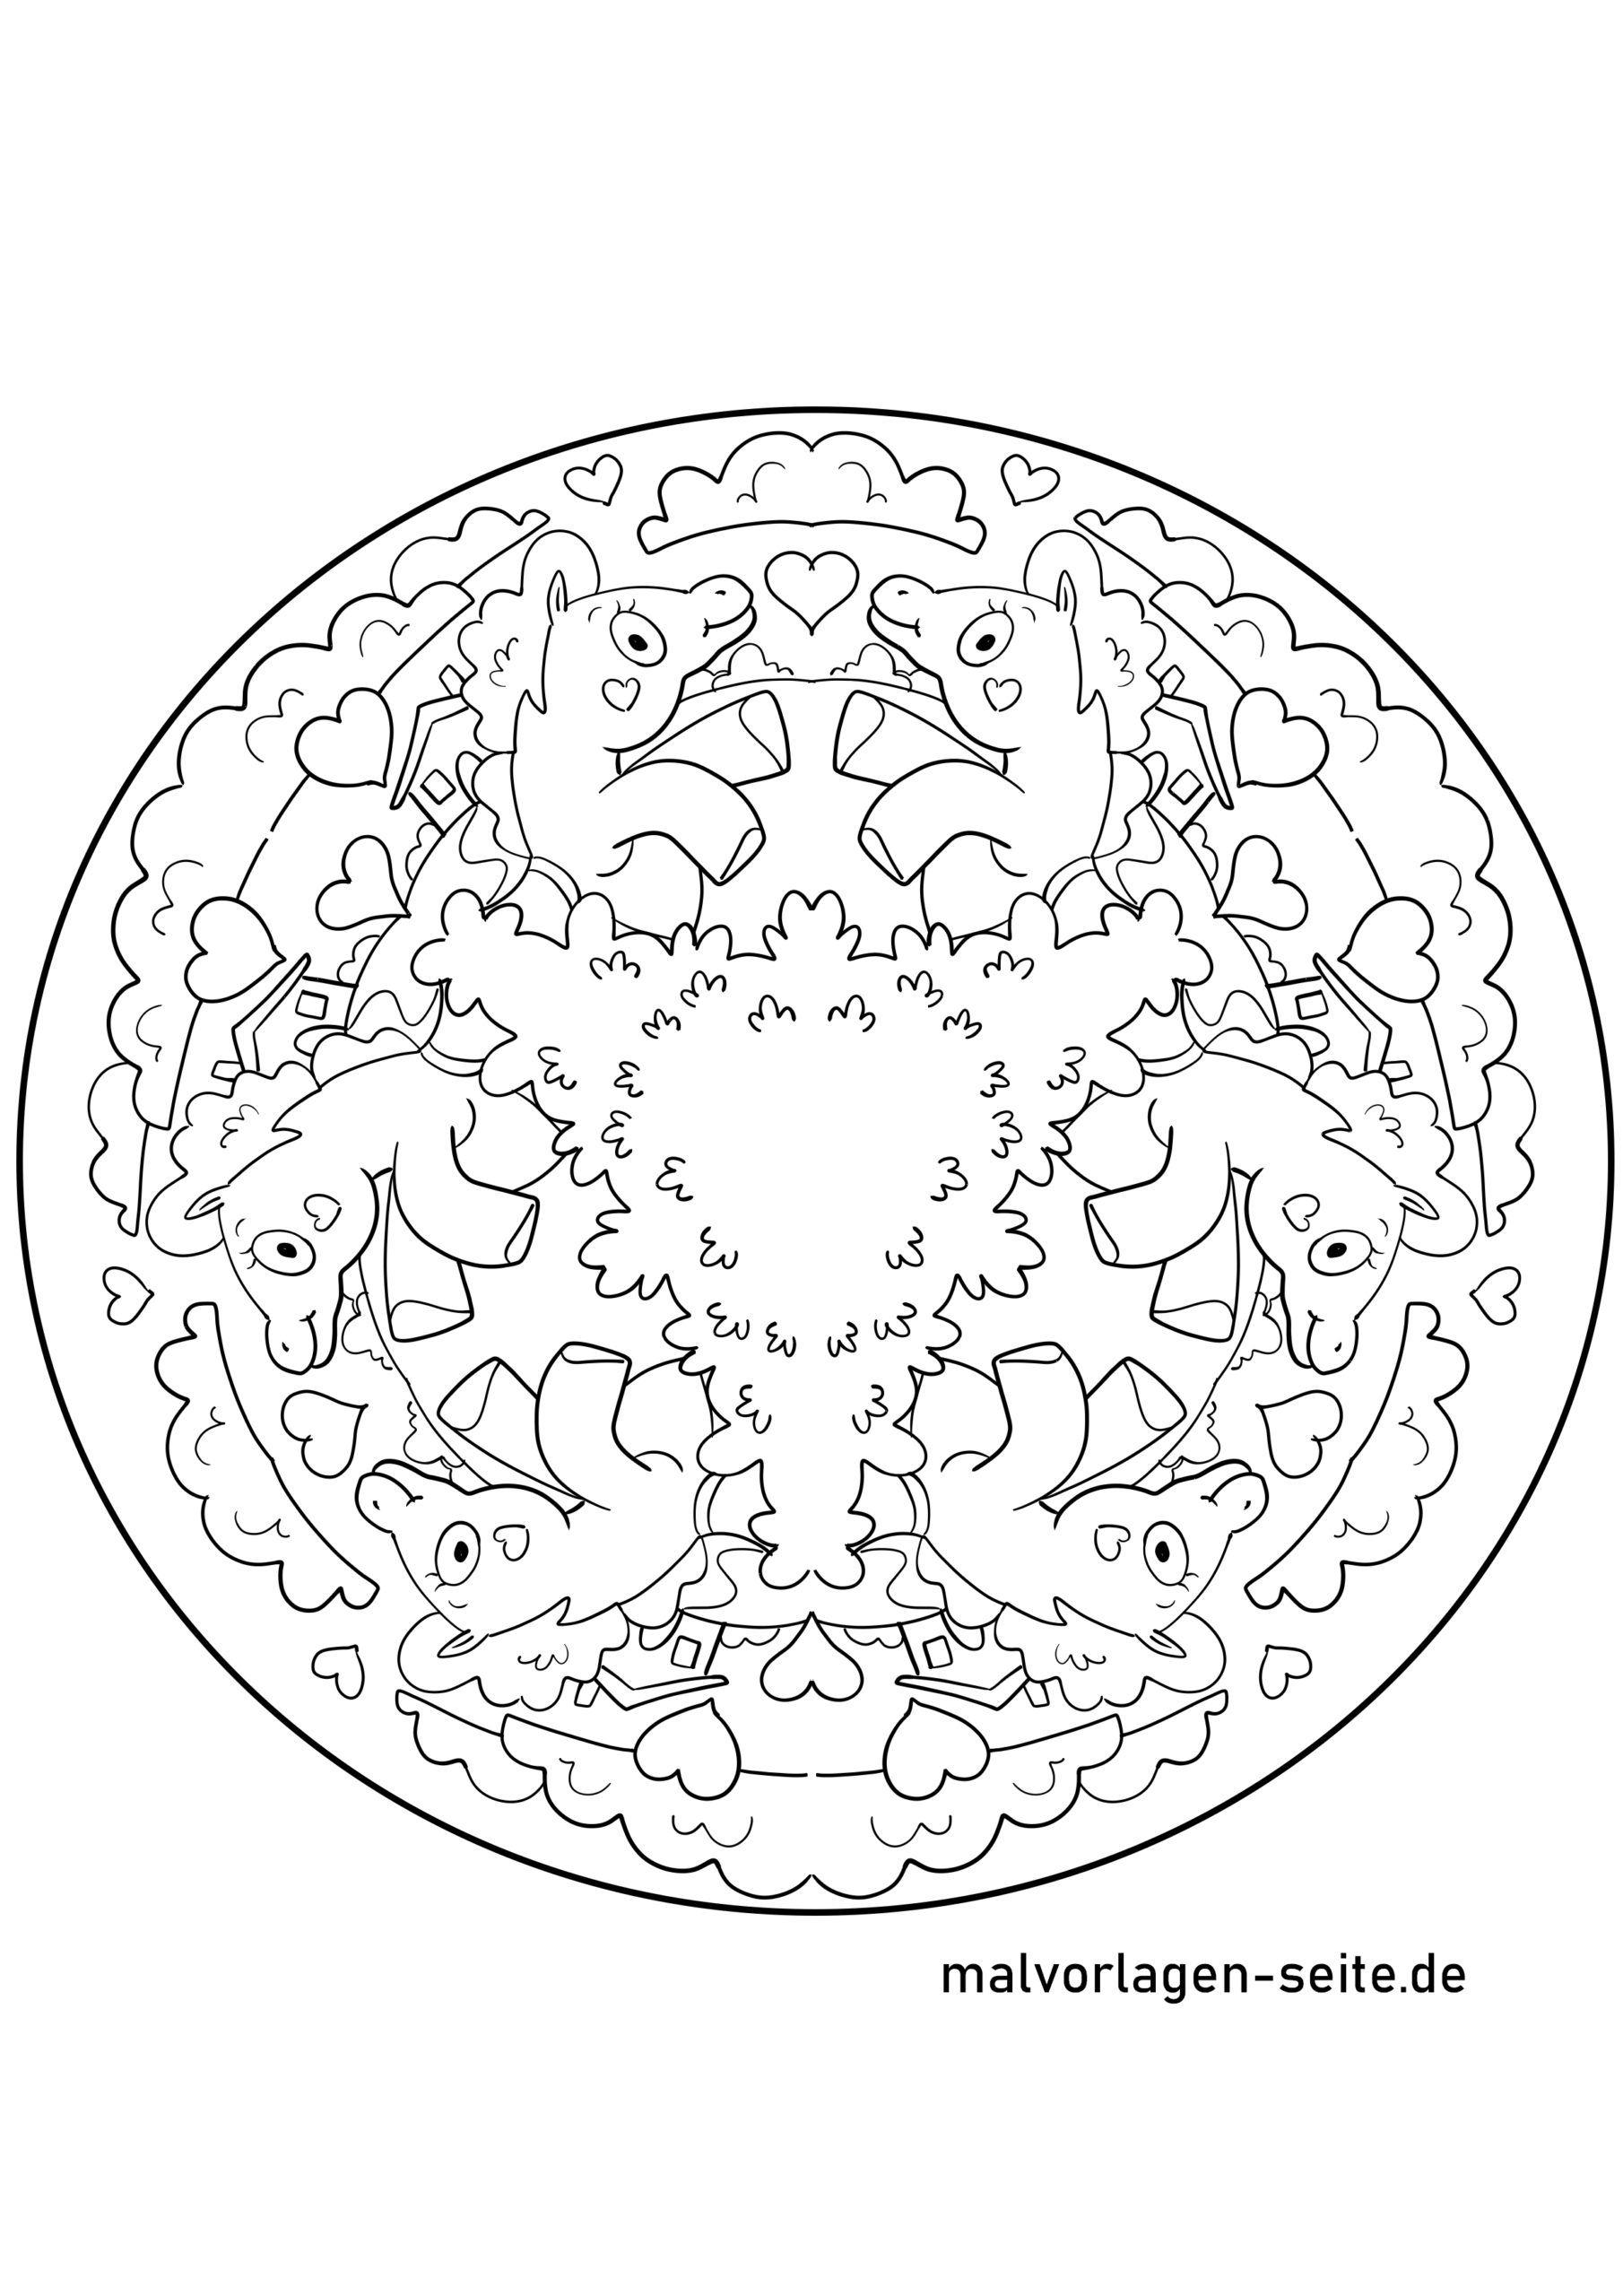 Mandala Einhorn - Ausmalbilder Kostenlos Herunterladen mit Mandala Einhorn